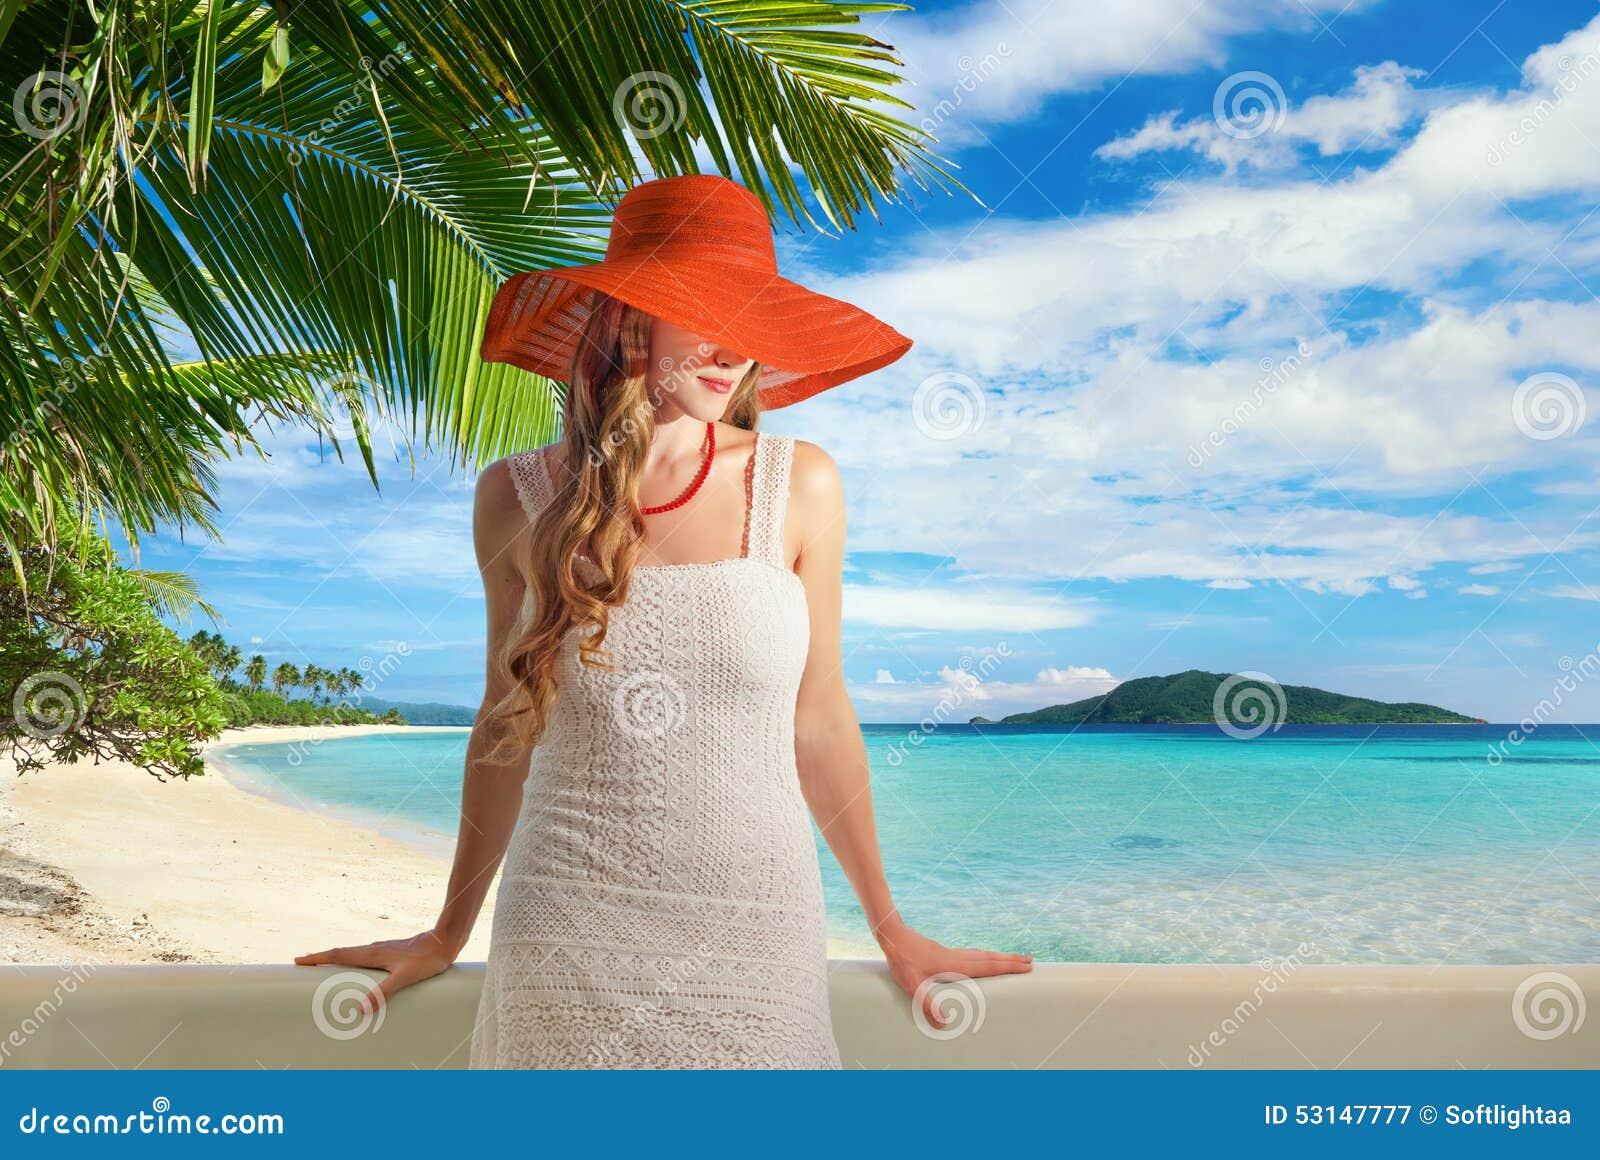 jolie femme dans la robe blanche sur le balcon image stock image 53147777. Black Bedroom Furniture Sets. Home Design Ideas